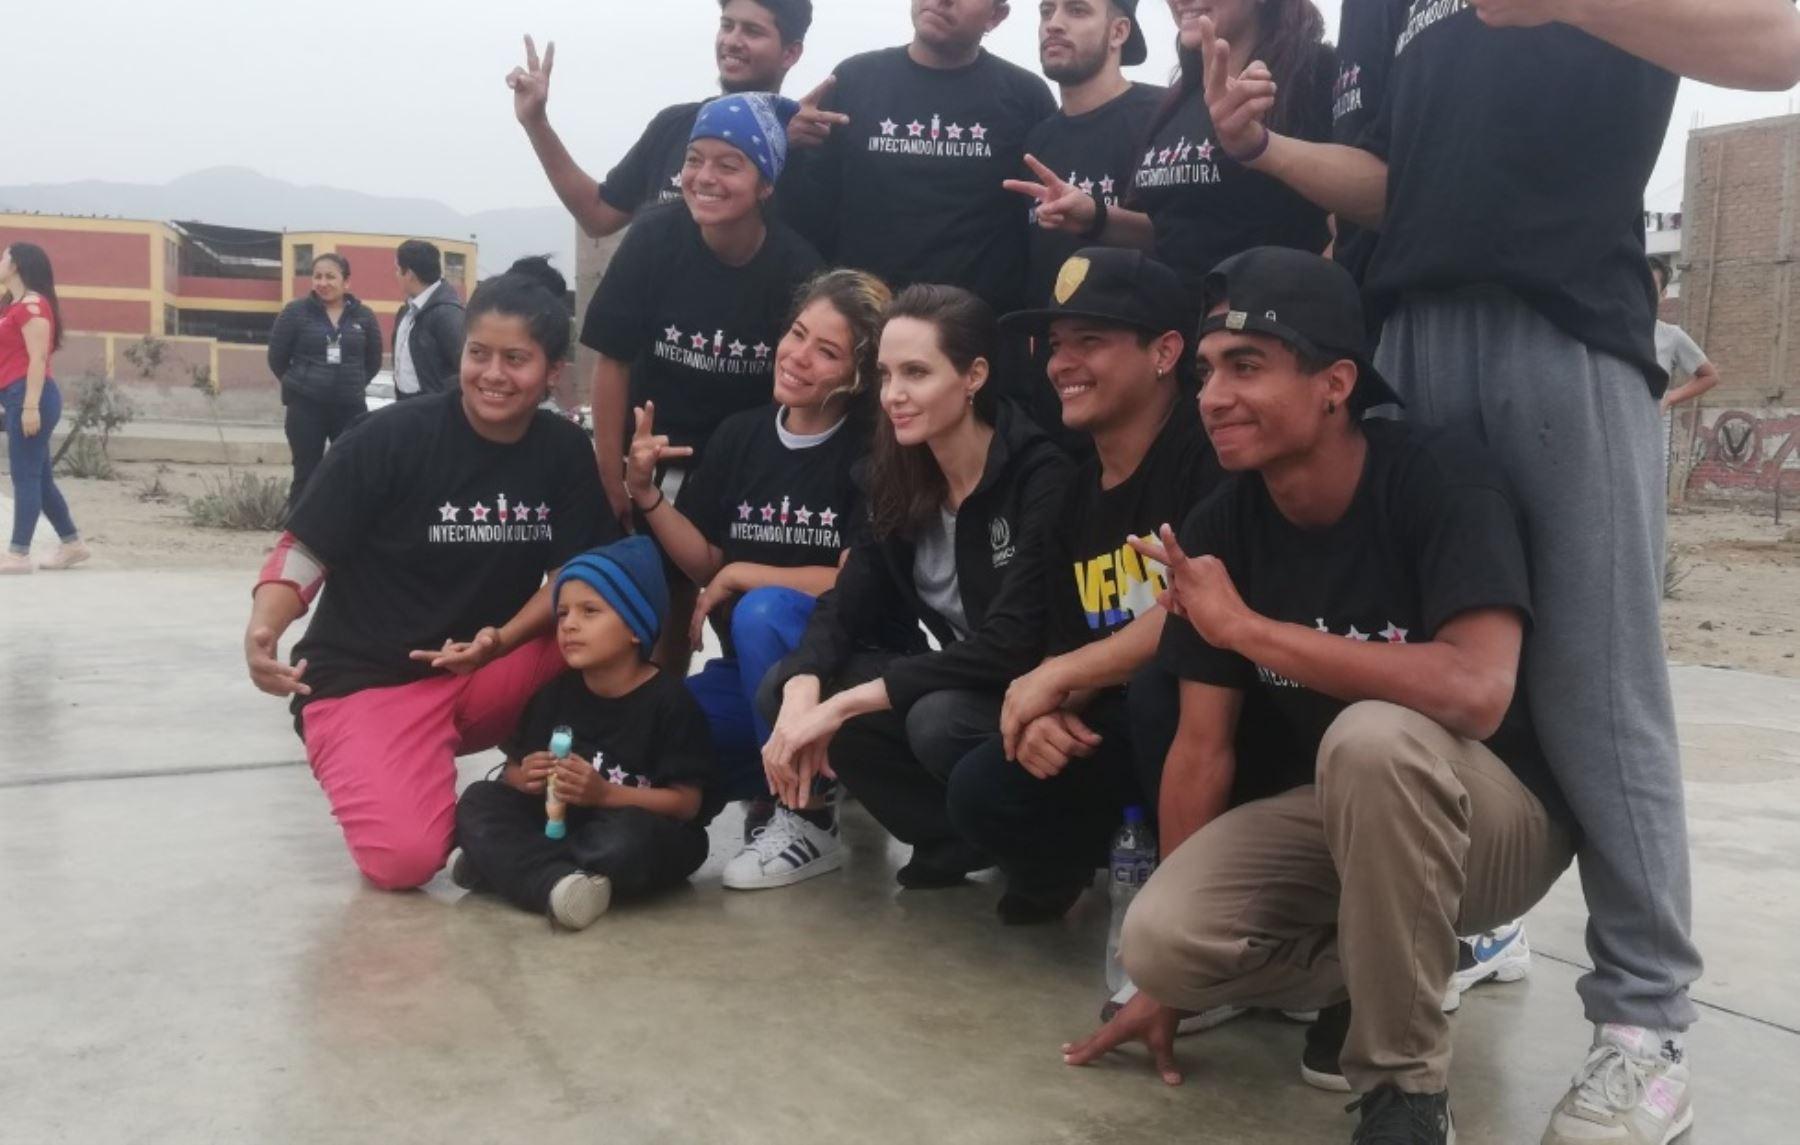 Actriz Angelina Jolie llegó a Lima para reunirse con migrantes venezolanos. Foto: Rosmery Llaja